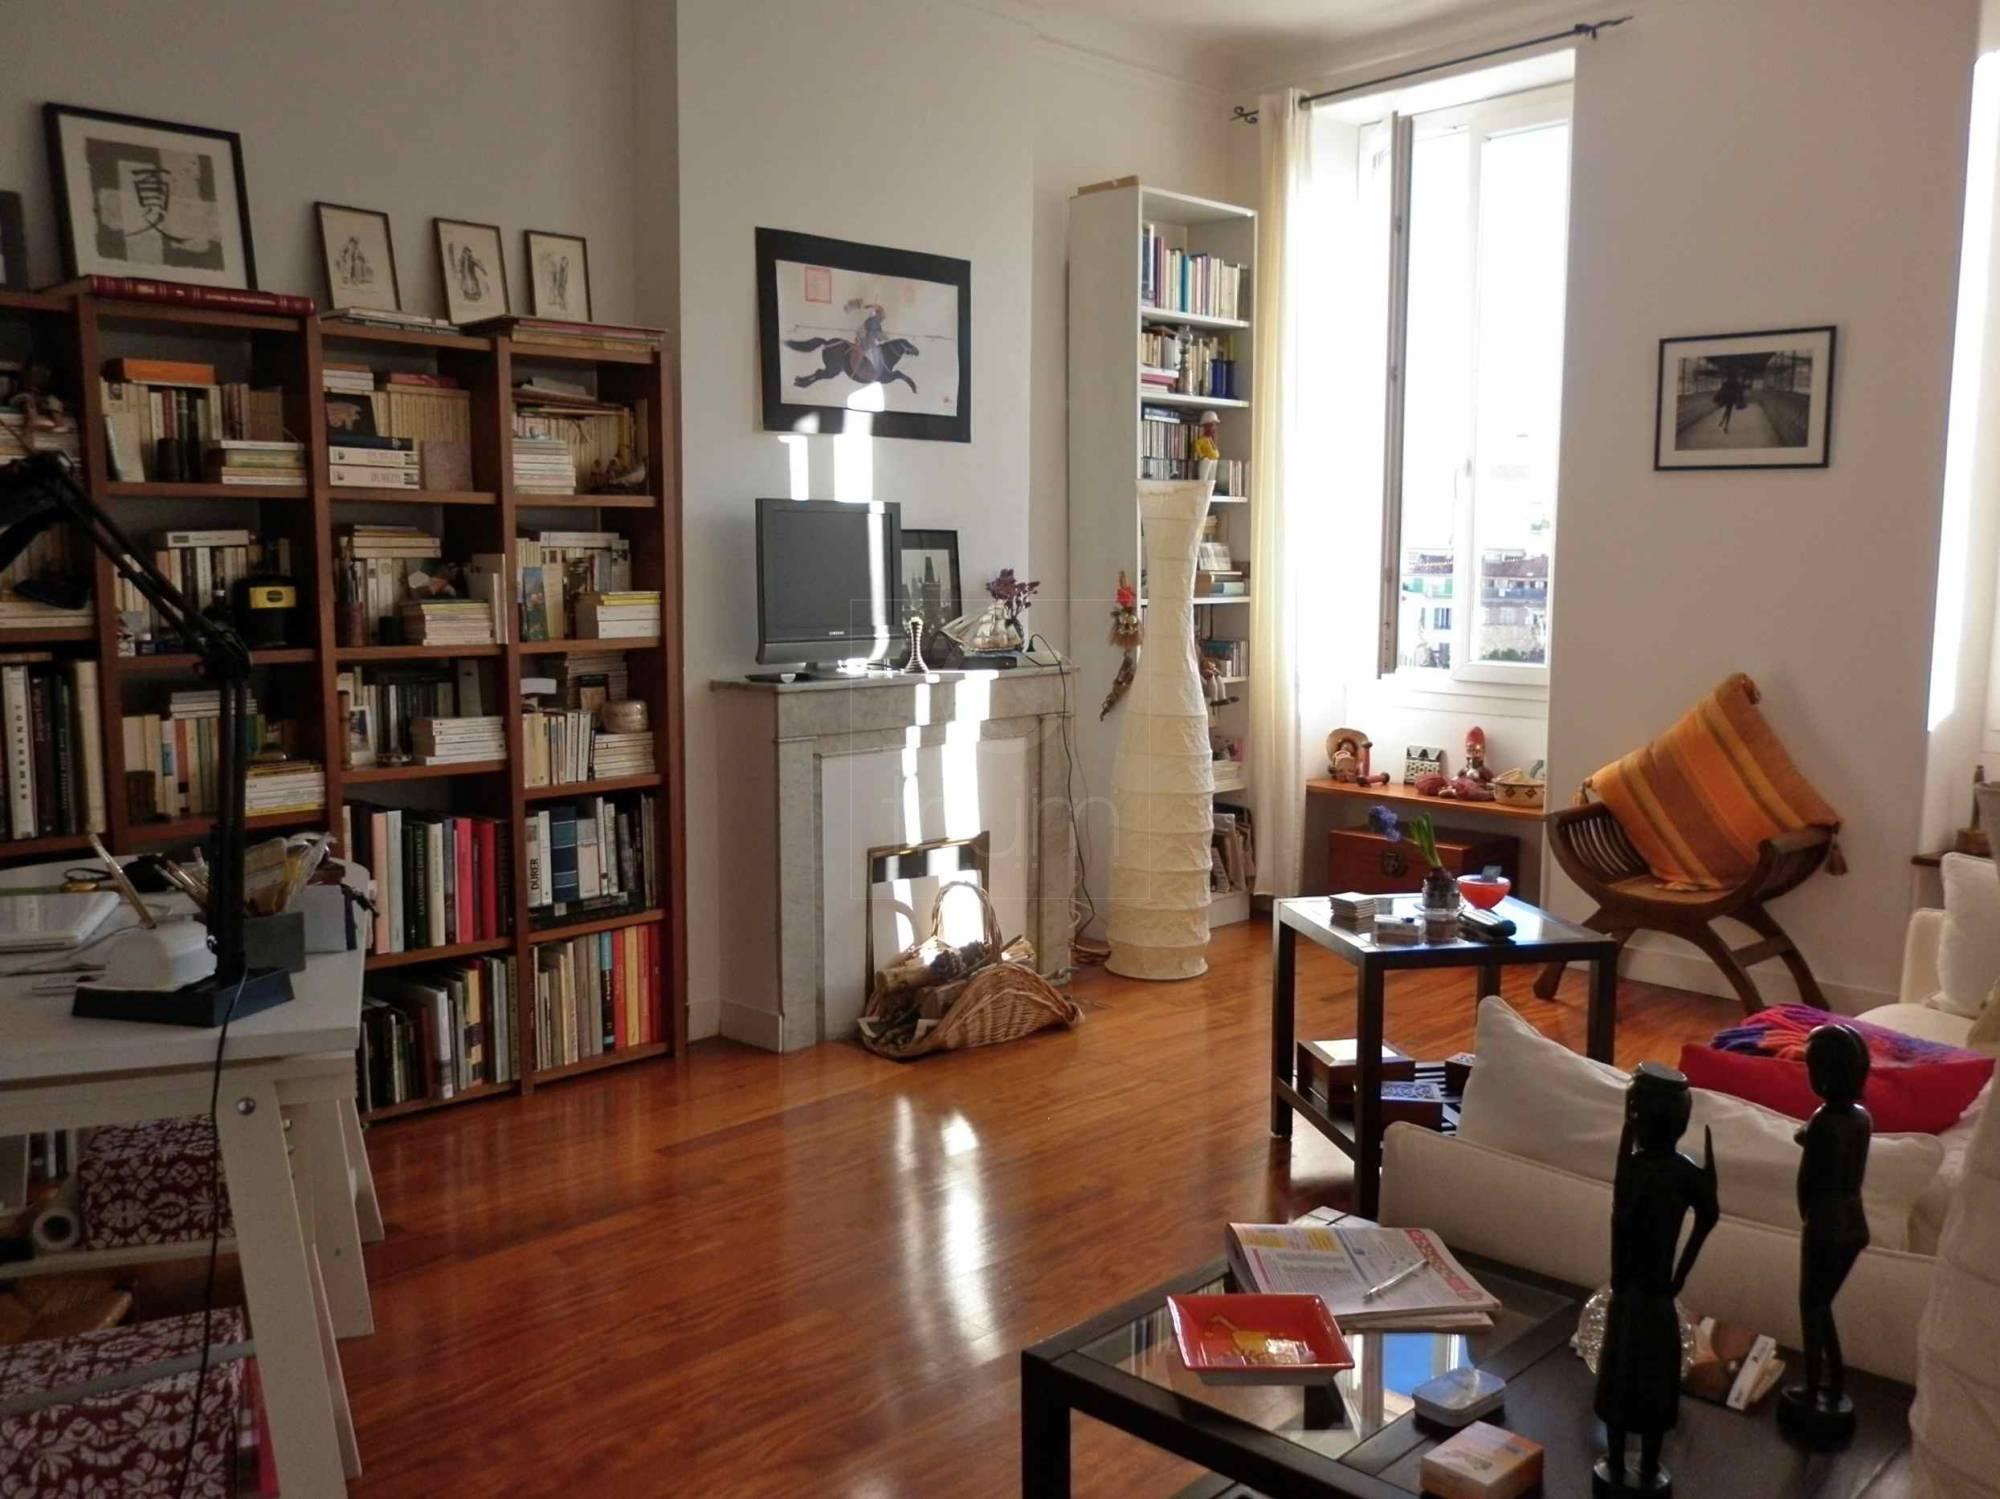 Location appartement Caen : une annonce en ligne